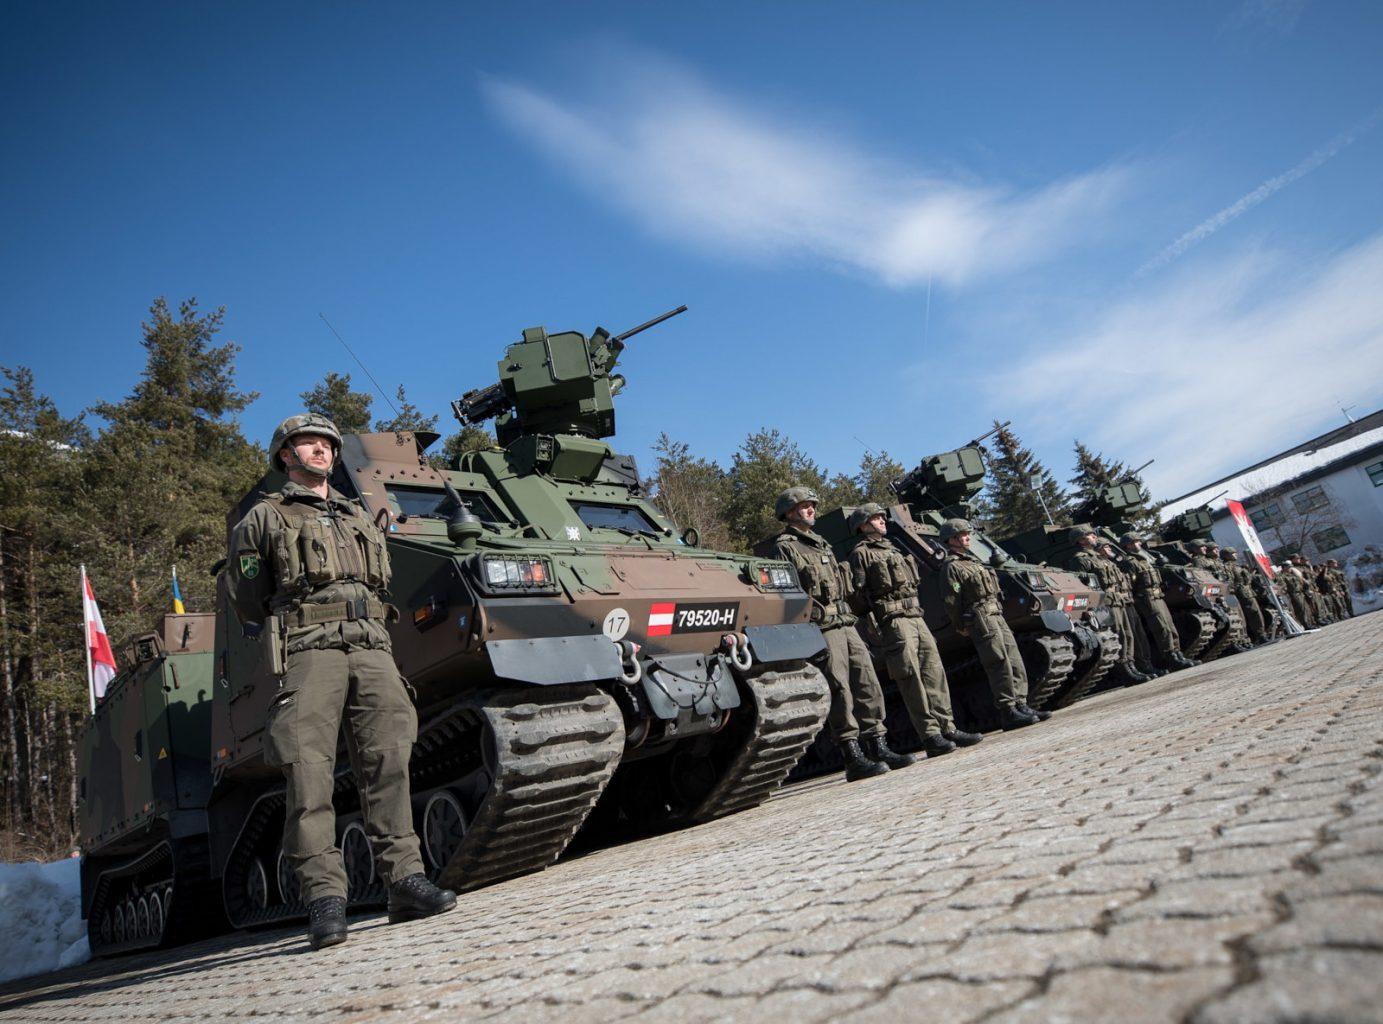 Übergabe der BvS10 AUT Hägglunds an die 6. Gebirgsbrigade © Bundesheer